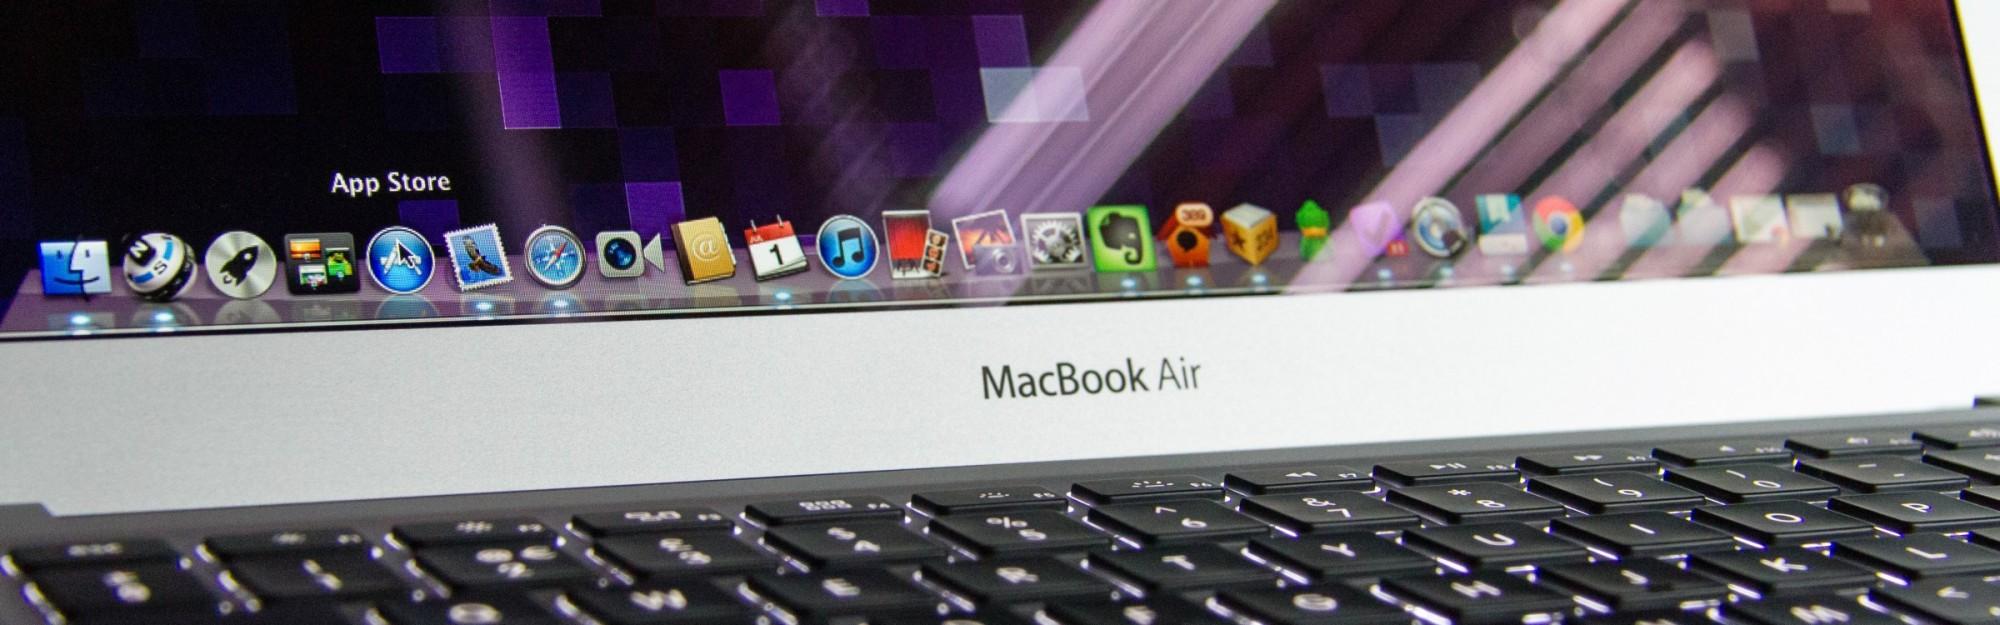 Wie mache ich ein Bildschirmfoto mit einem Mac?